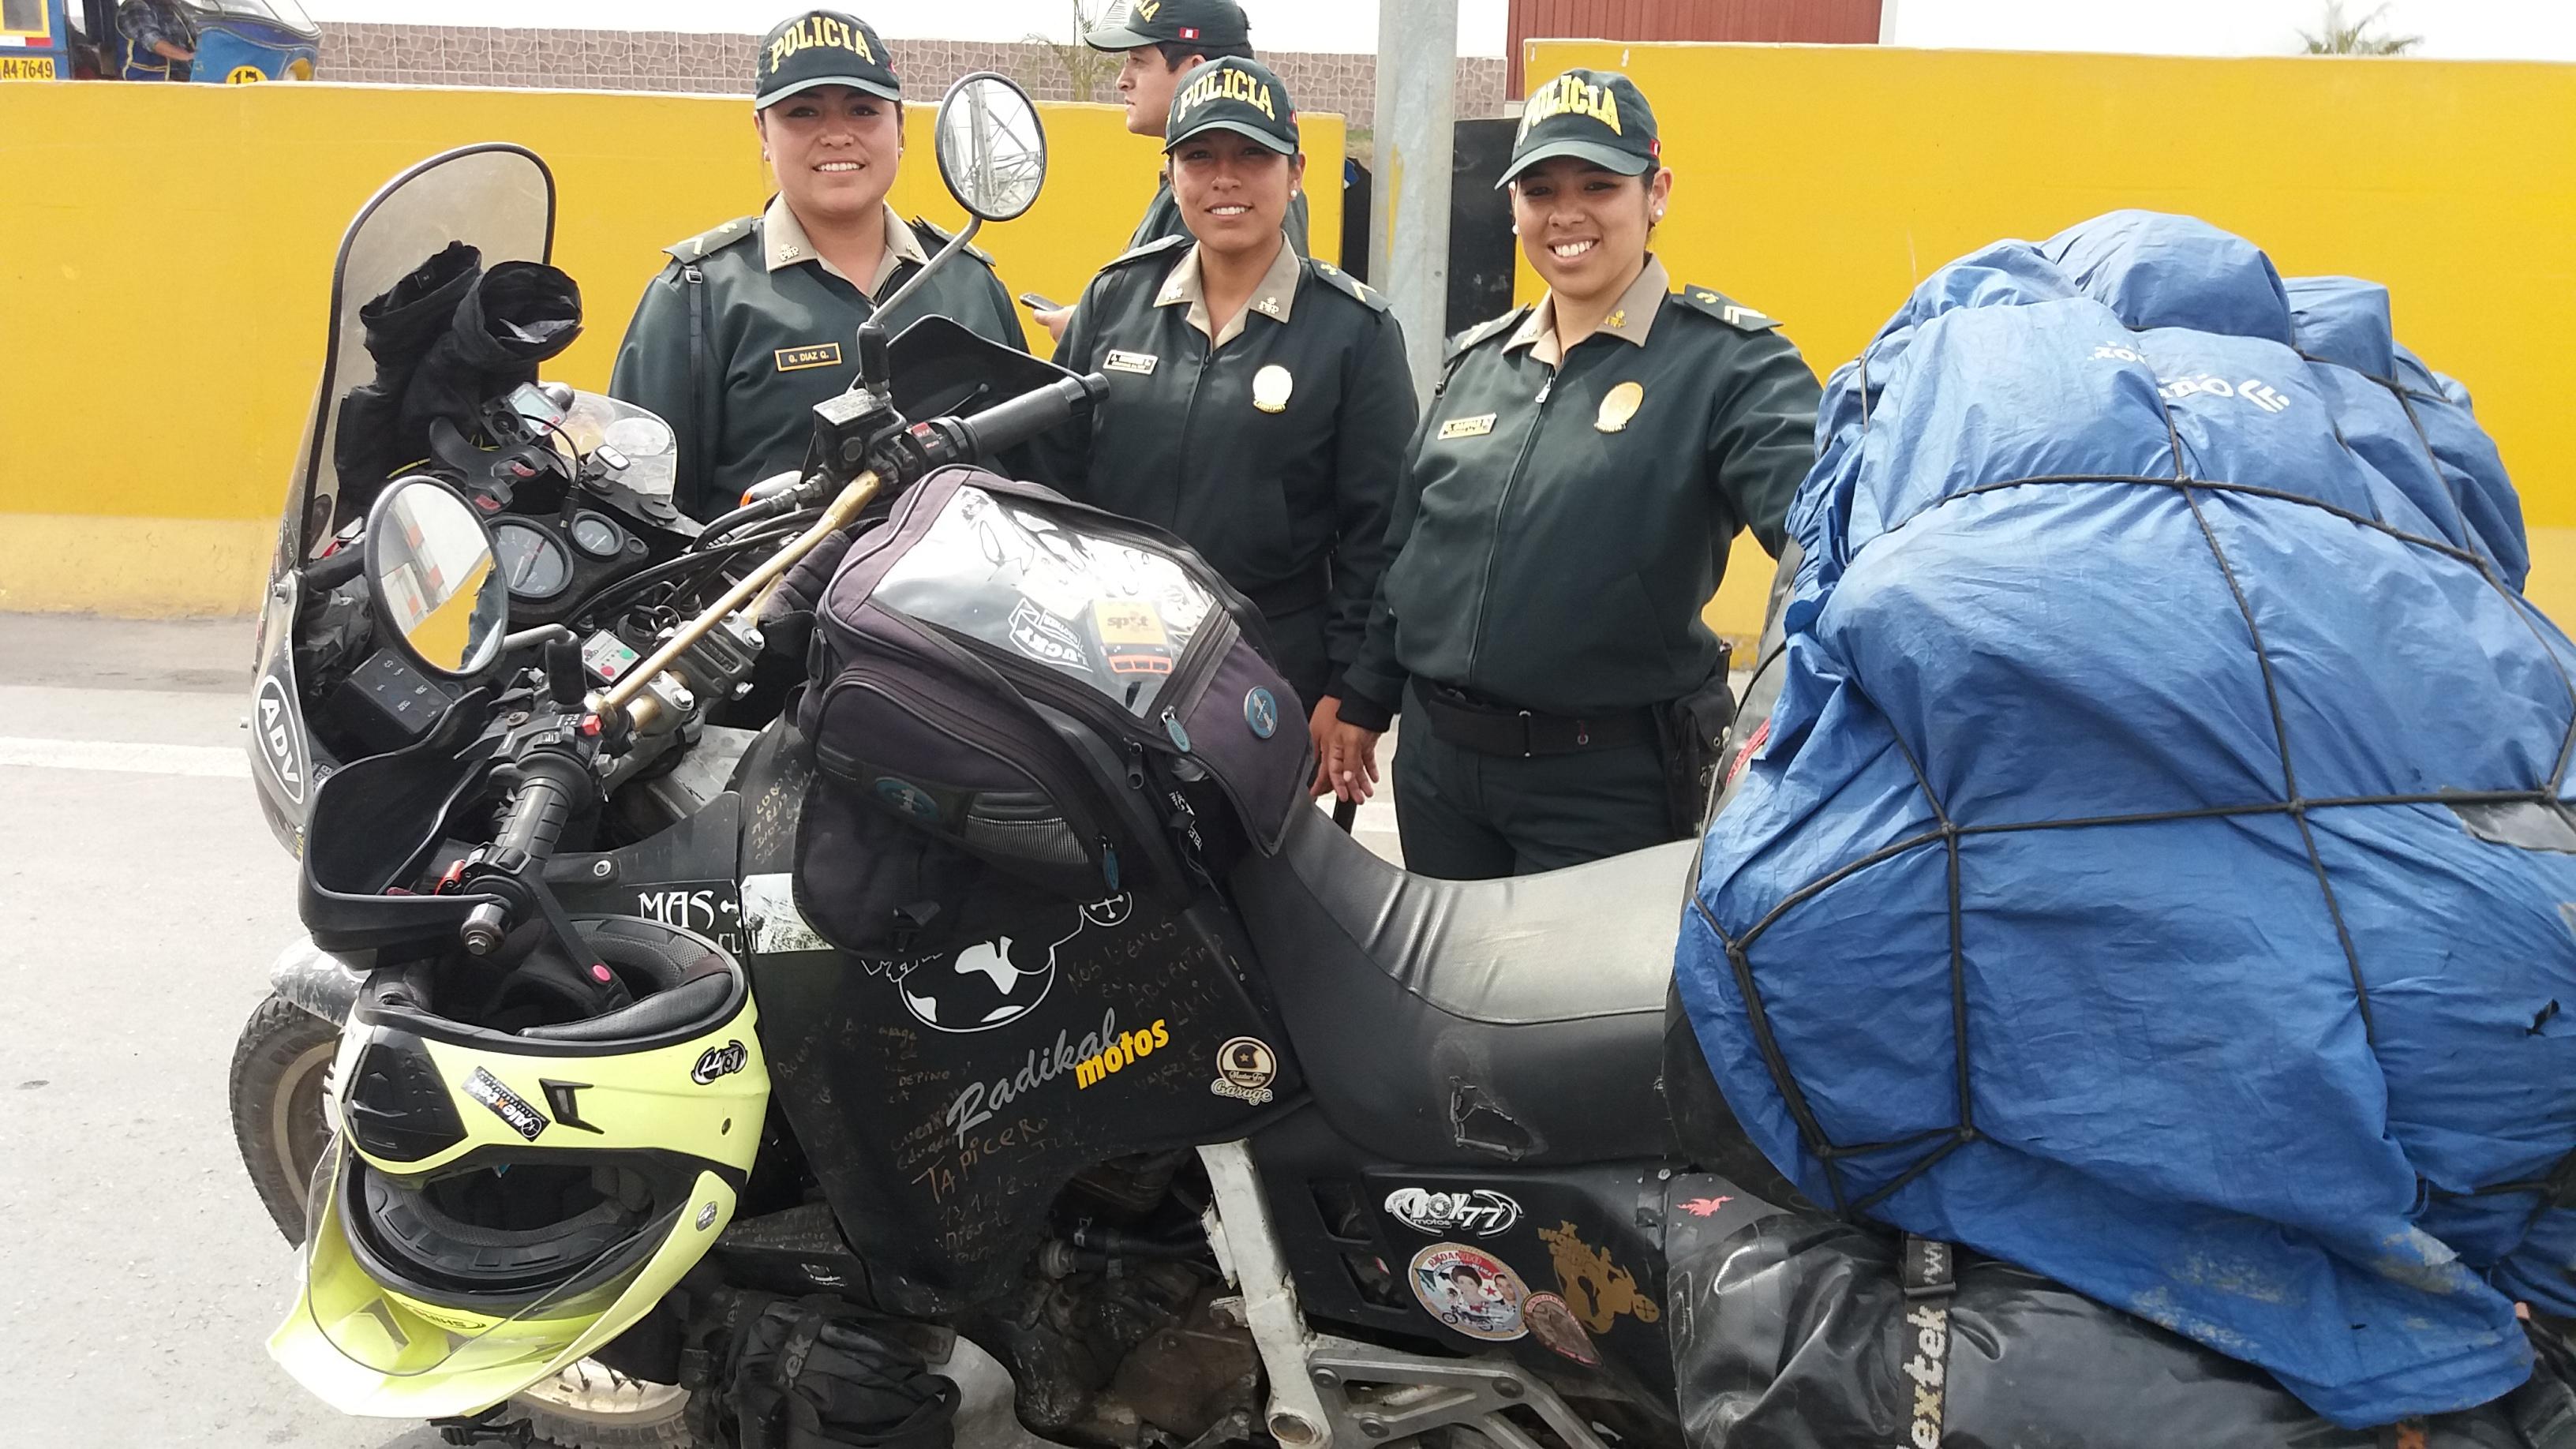 Lima – PERU (2 Nov 2017)